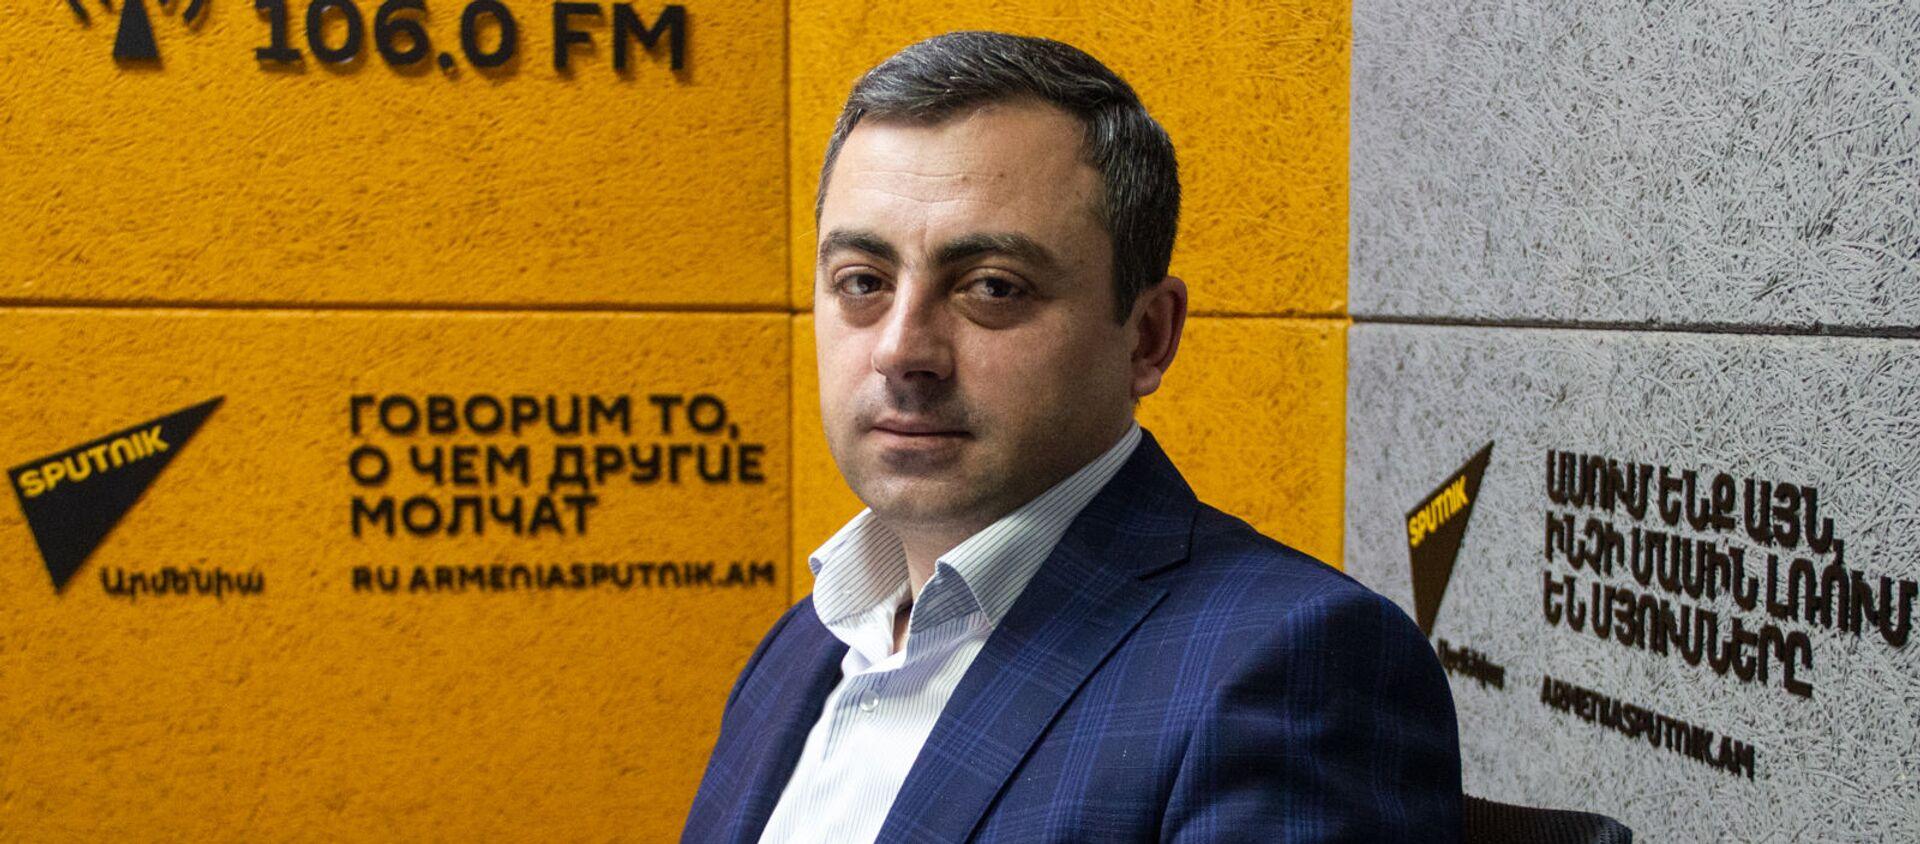 Лидер АРФ  Дашнакцутюн Ишхан Сагателян в гостях радио Sputnik  - Sputnik Արմենիա, 1920, 29.06.2021